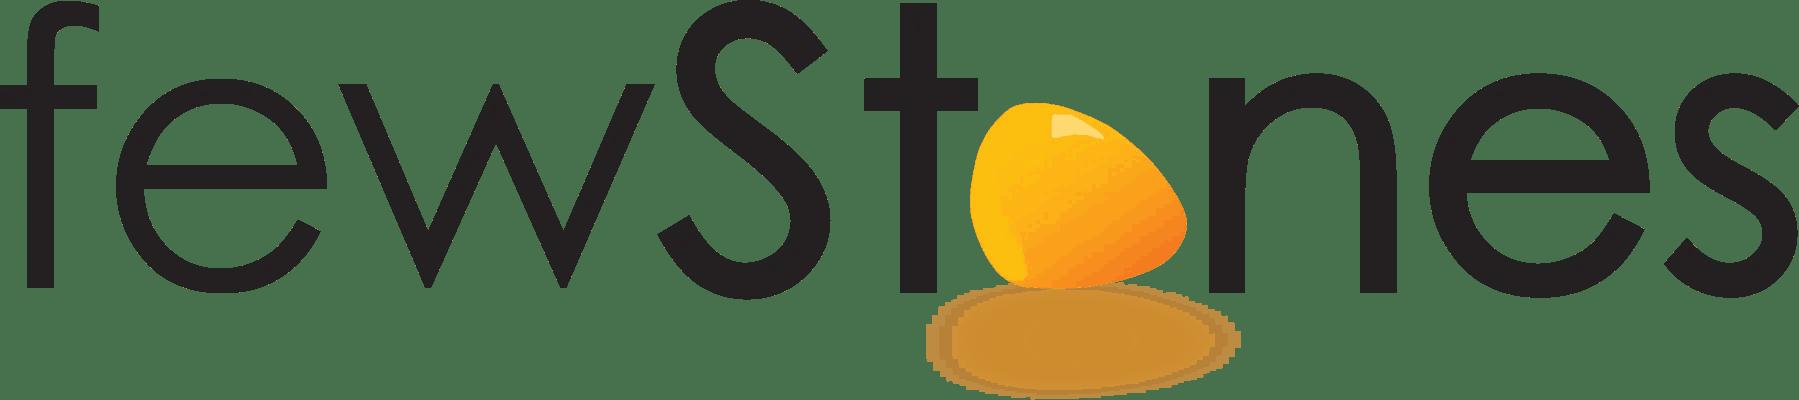 fewstones logo